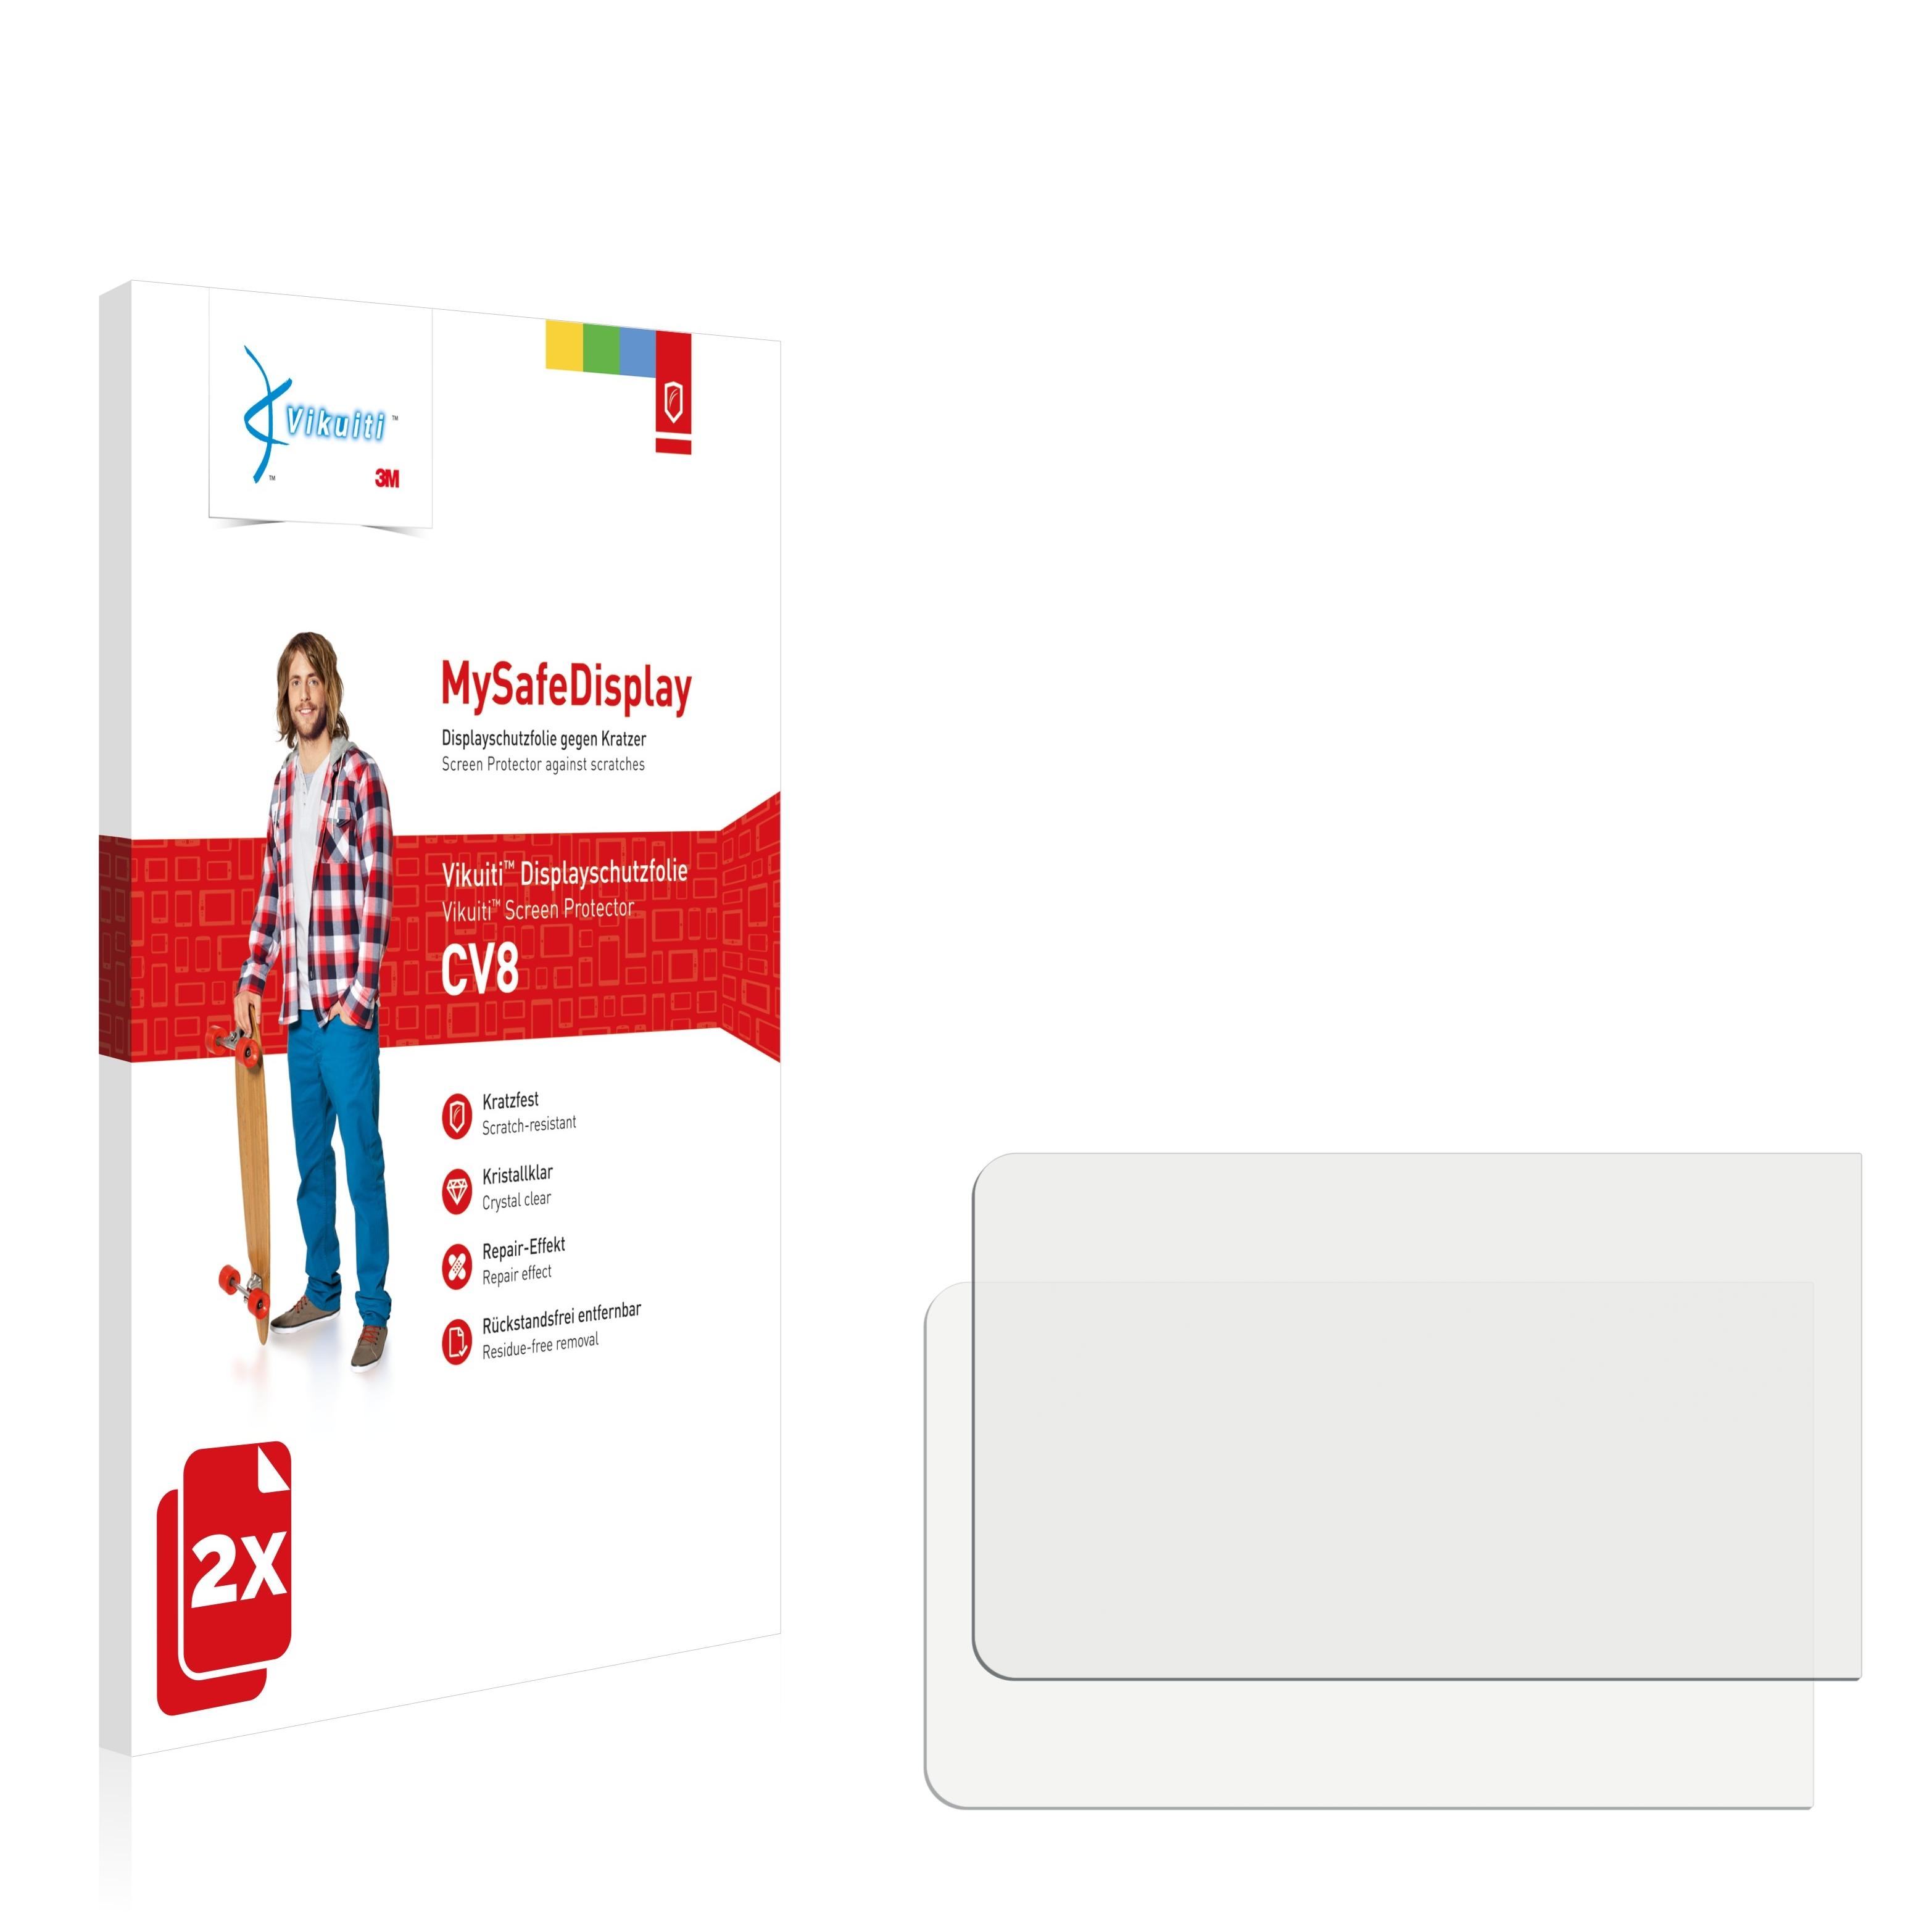 Ochranná fólie CV8 od 3M pro CreAtive Zen Touch 2, 2ks